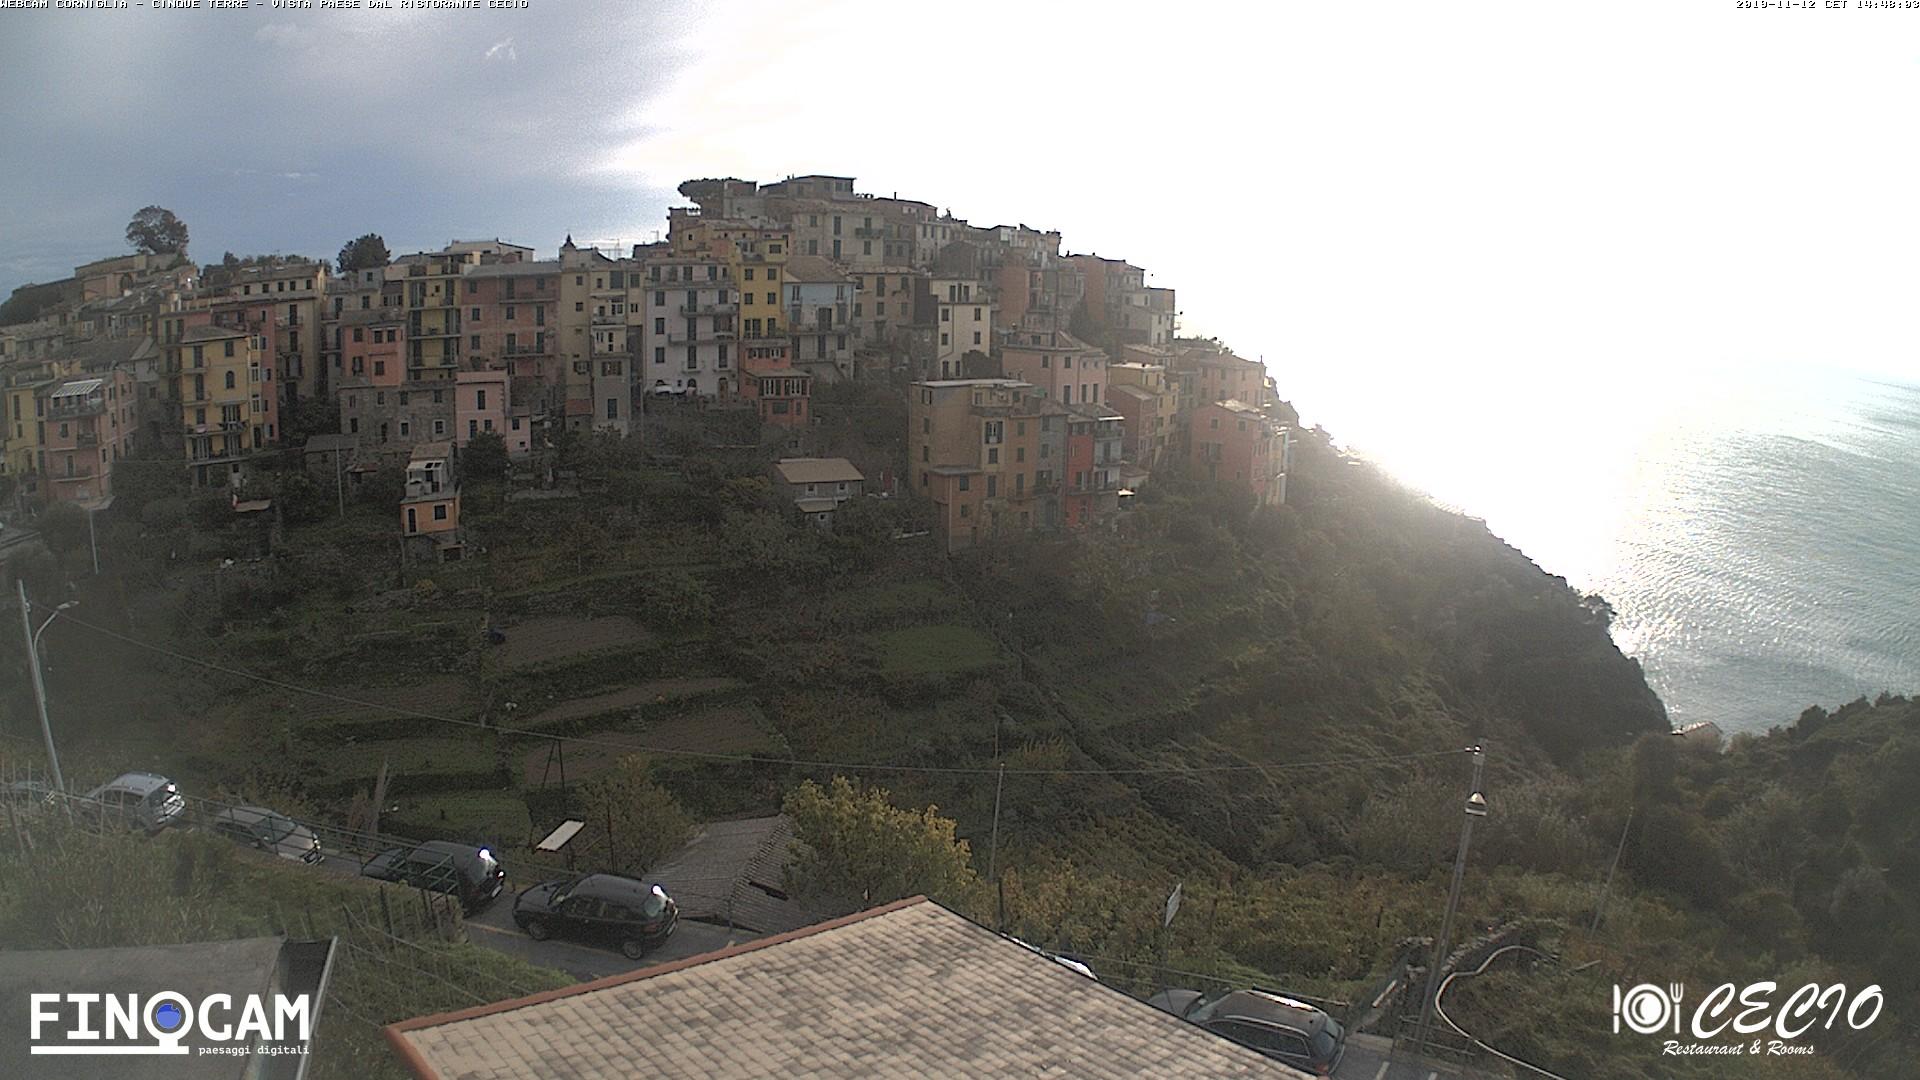 Webcam in Manarola, Cinque Terre